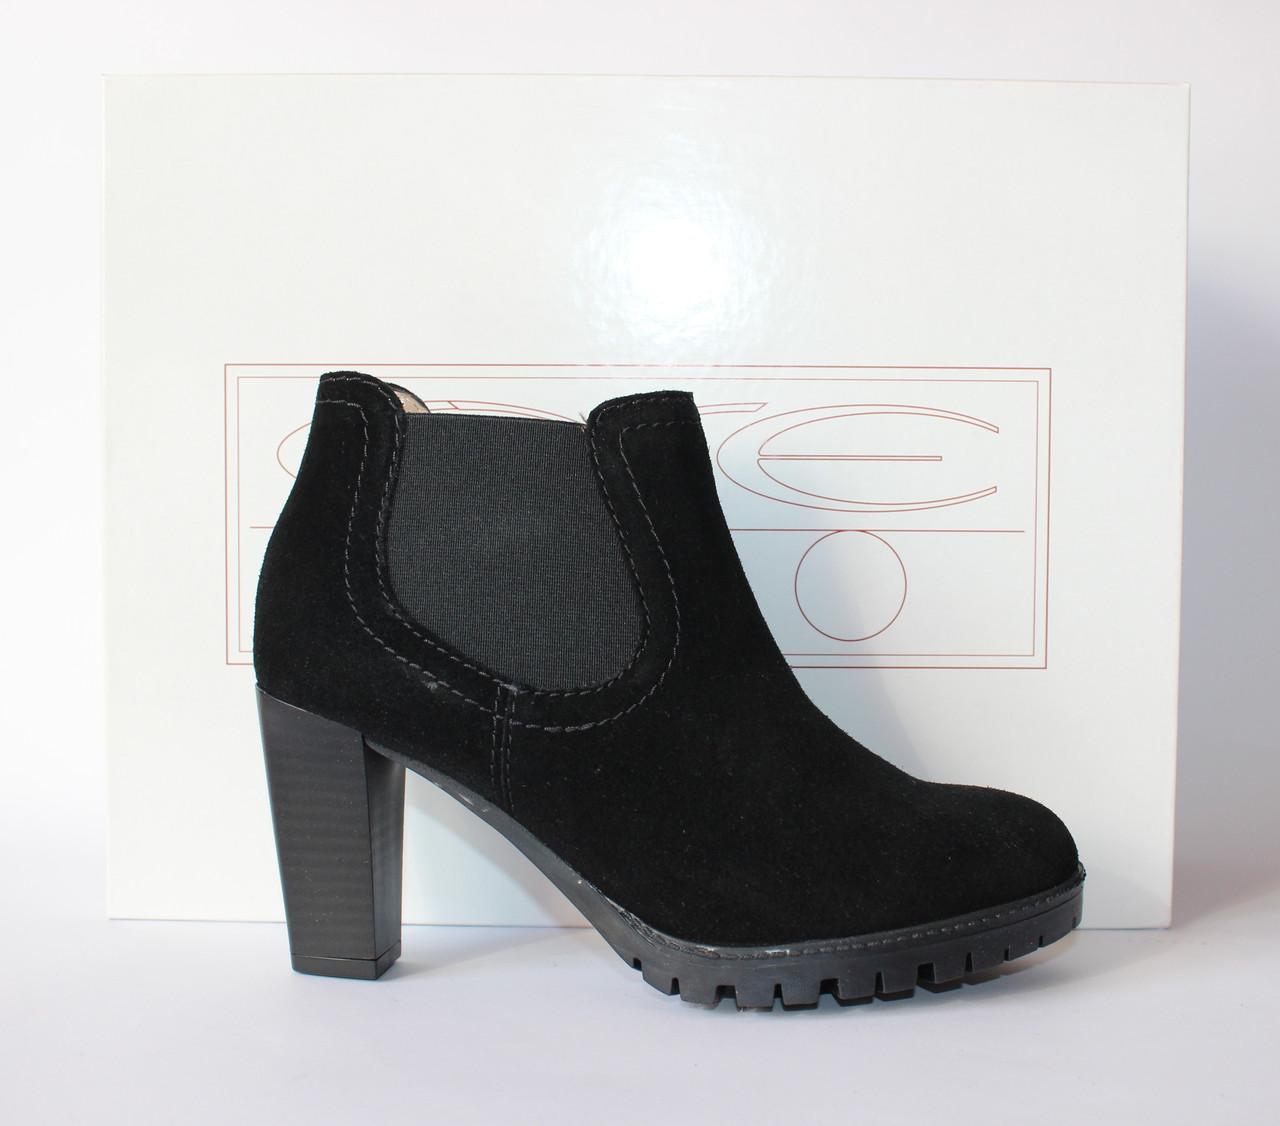 c47b9c953040 Шикарные замшевые женские ботинки Eye, Италия-Оригинал  продажа ...